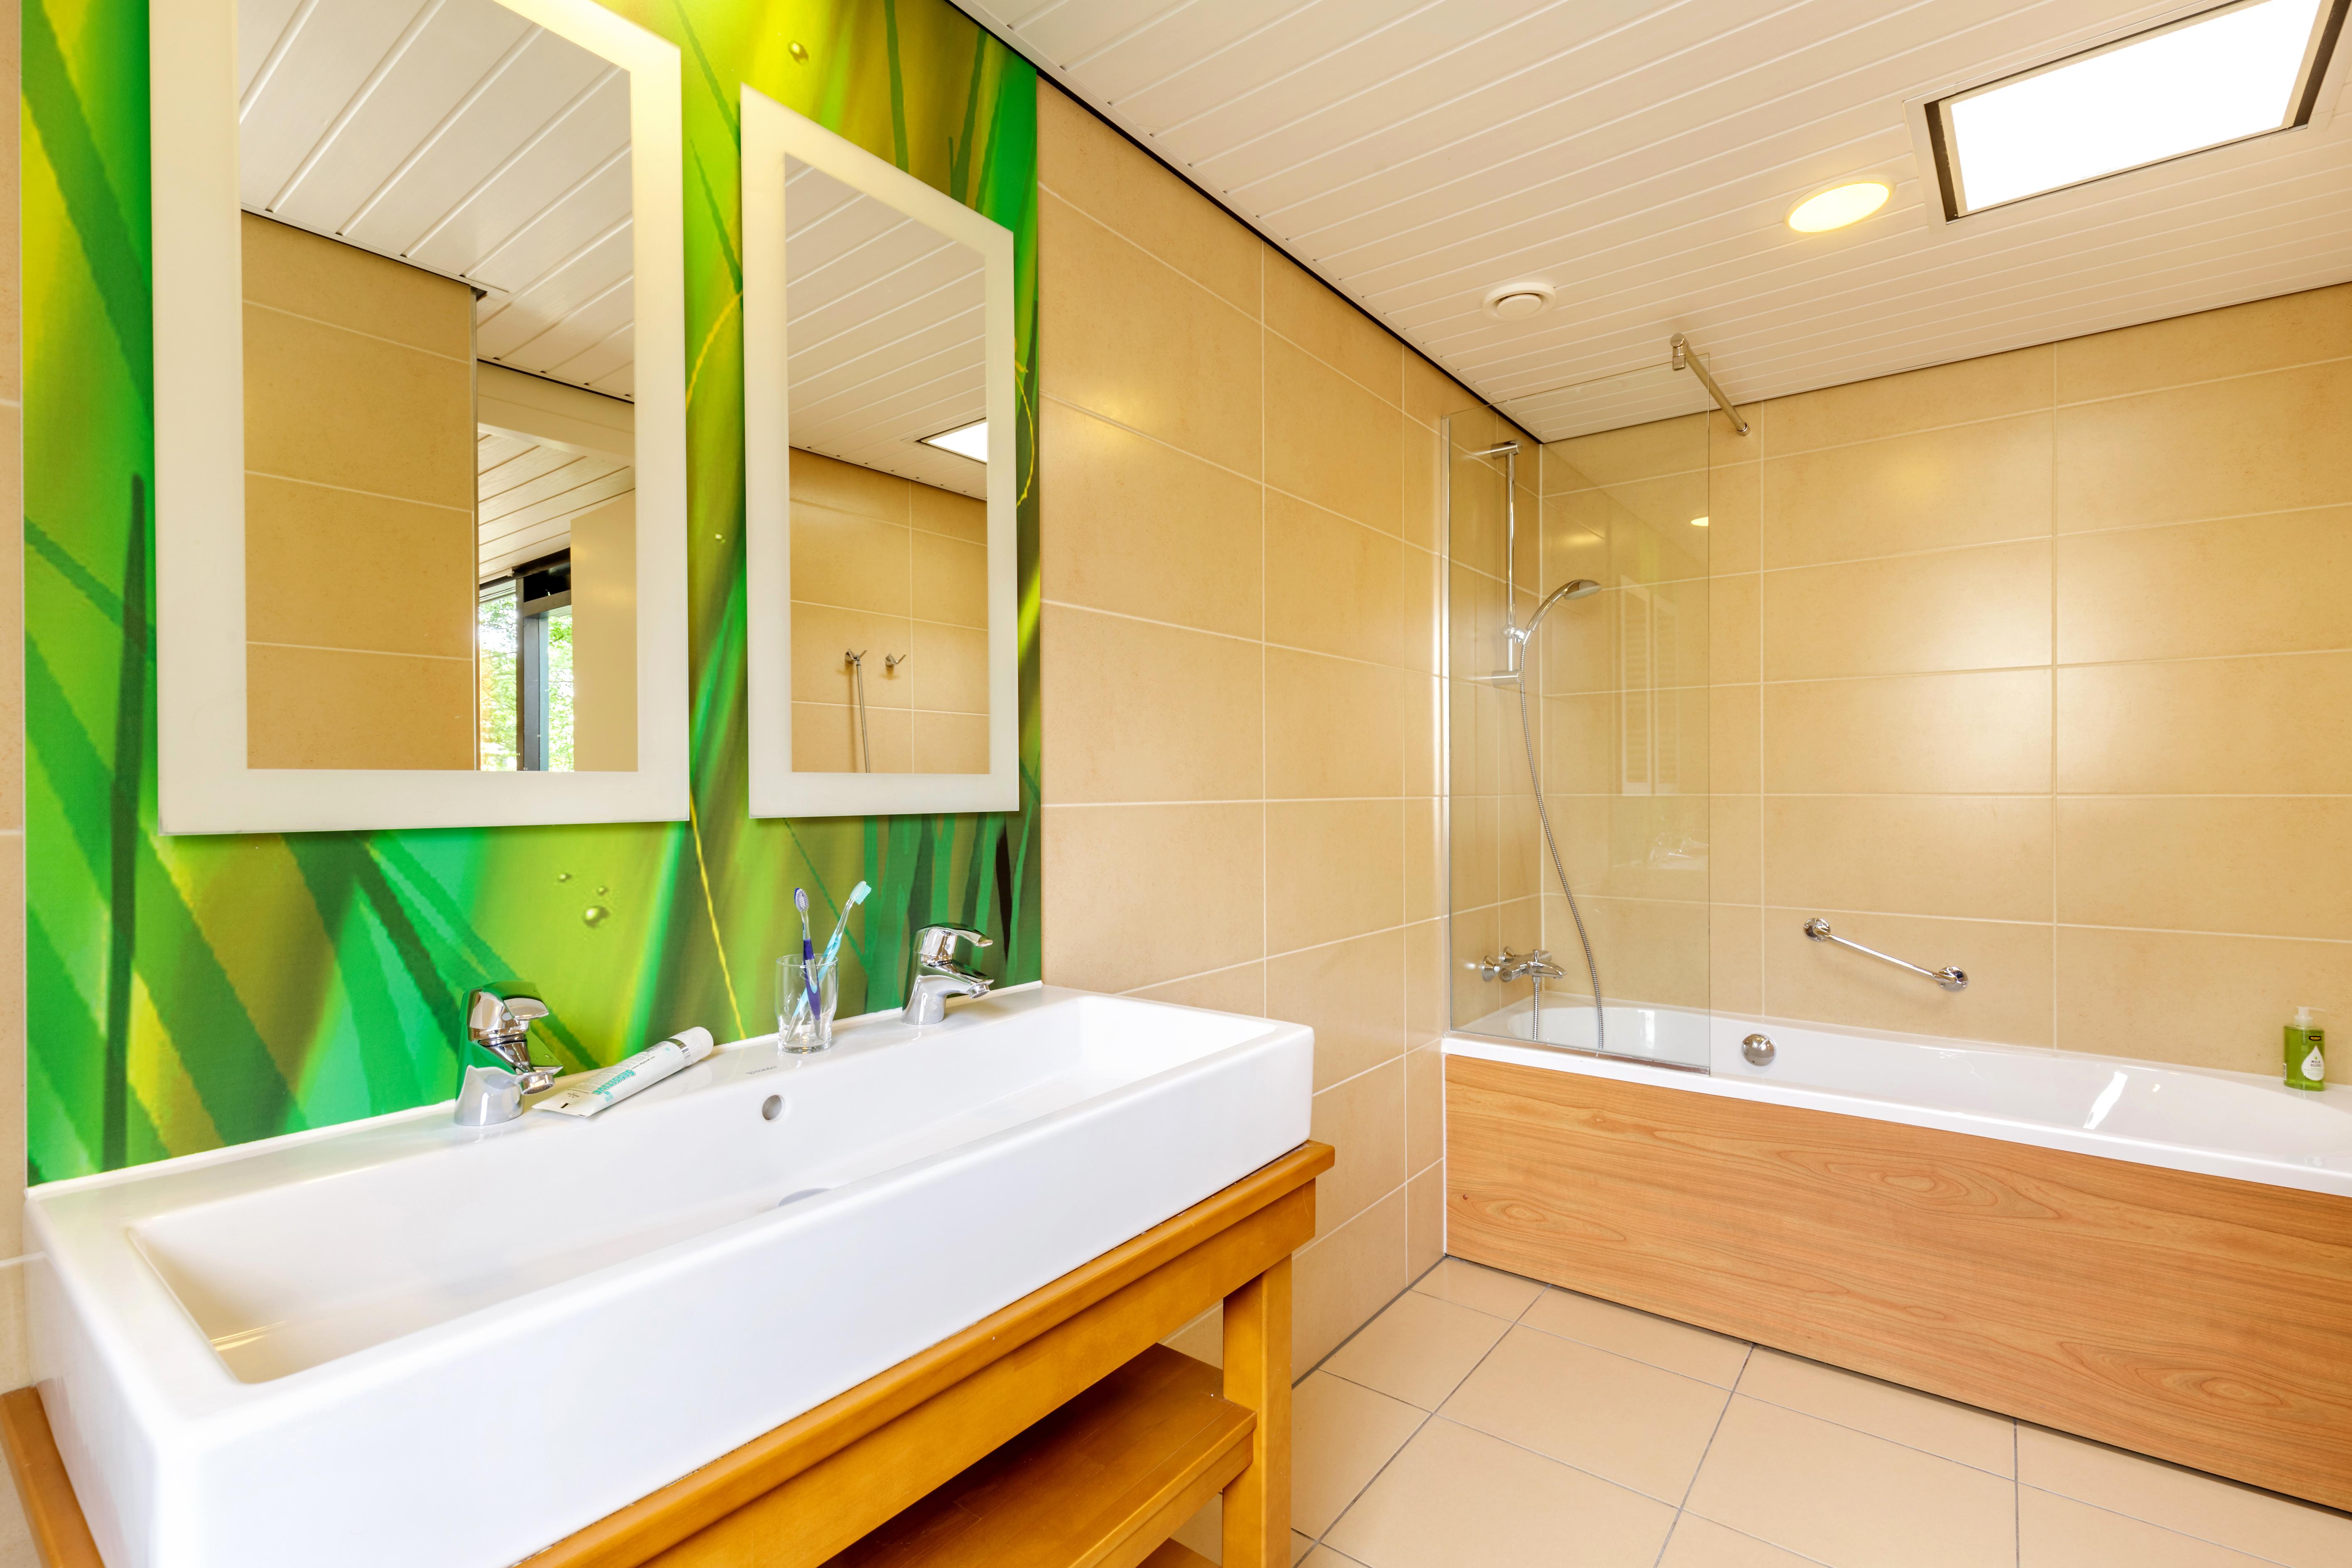 Ferienhaus Center Parcs De Huttenheugte - cottage Premium 2 persons (2639173), Dalen (NL), , Drenthe, Niederlande, Bild 4